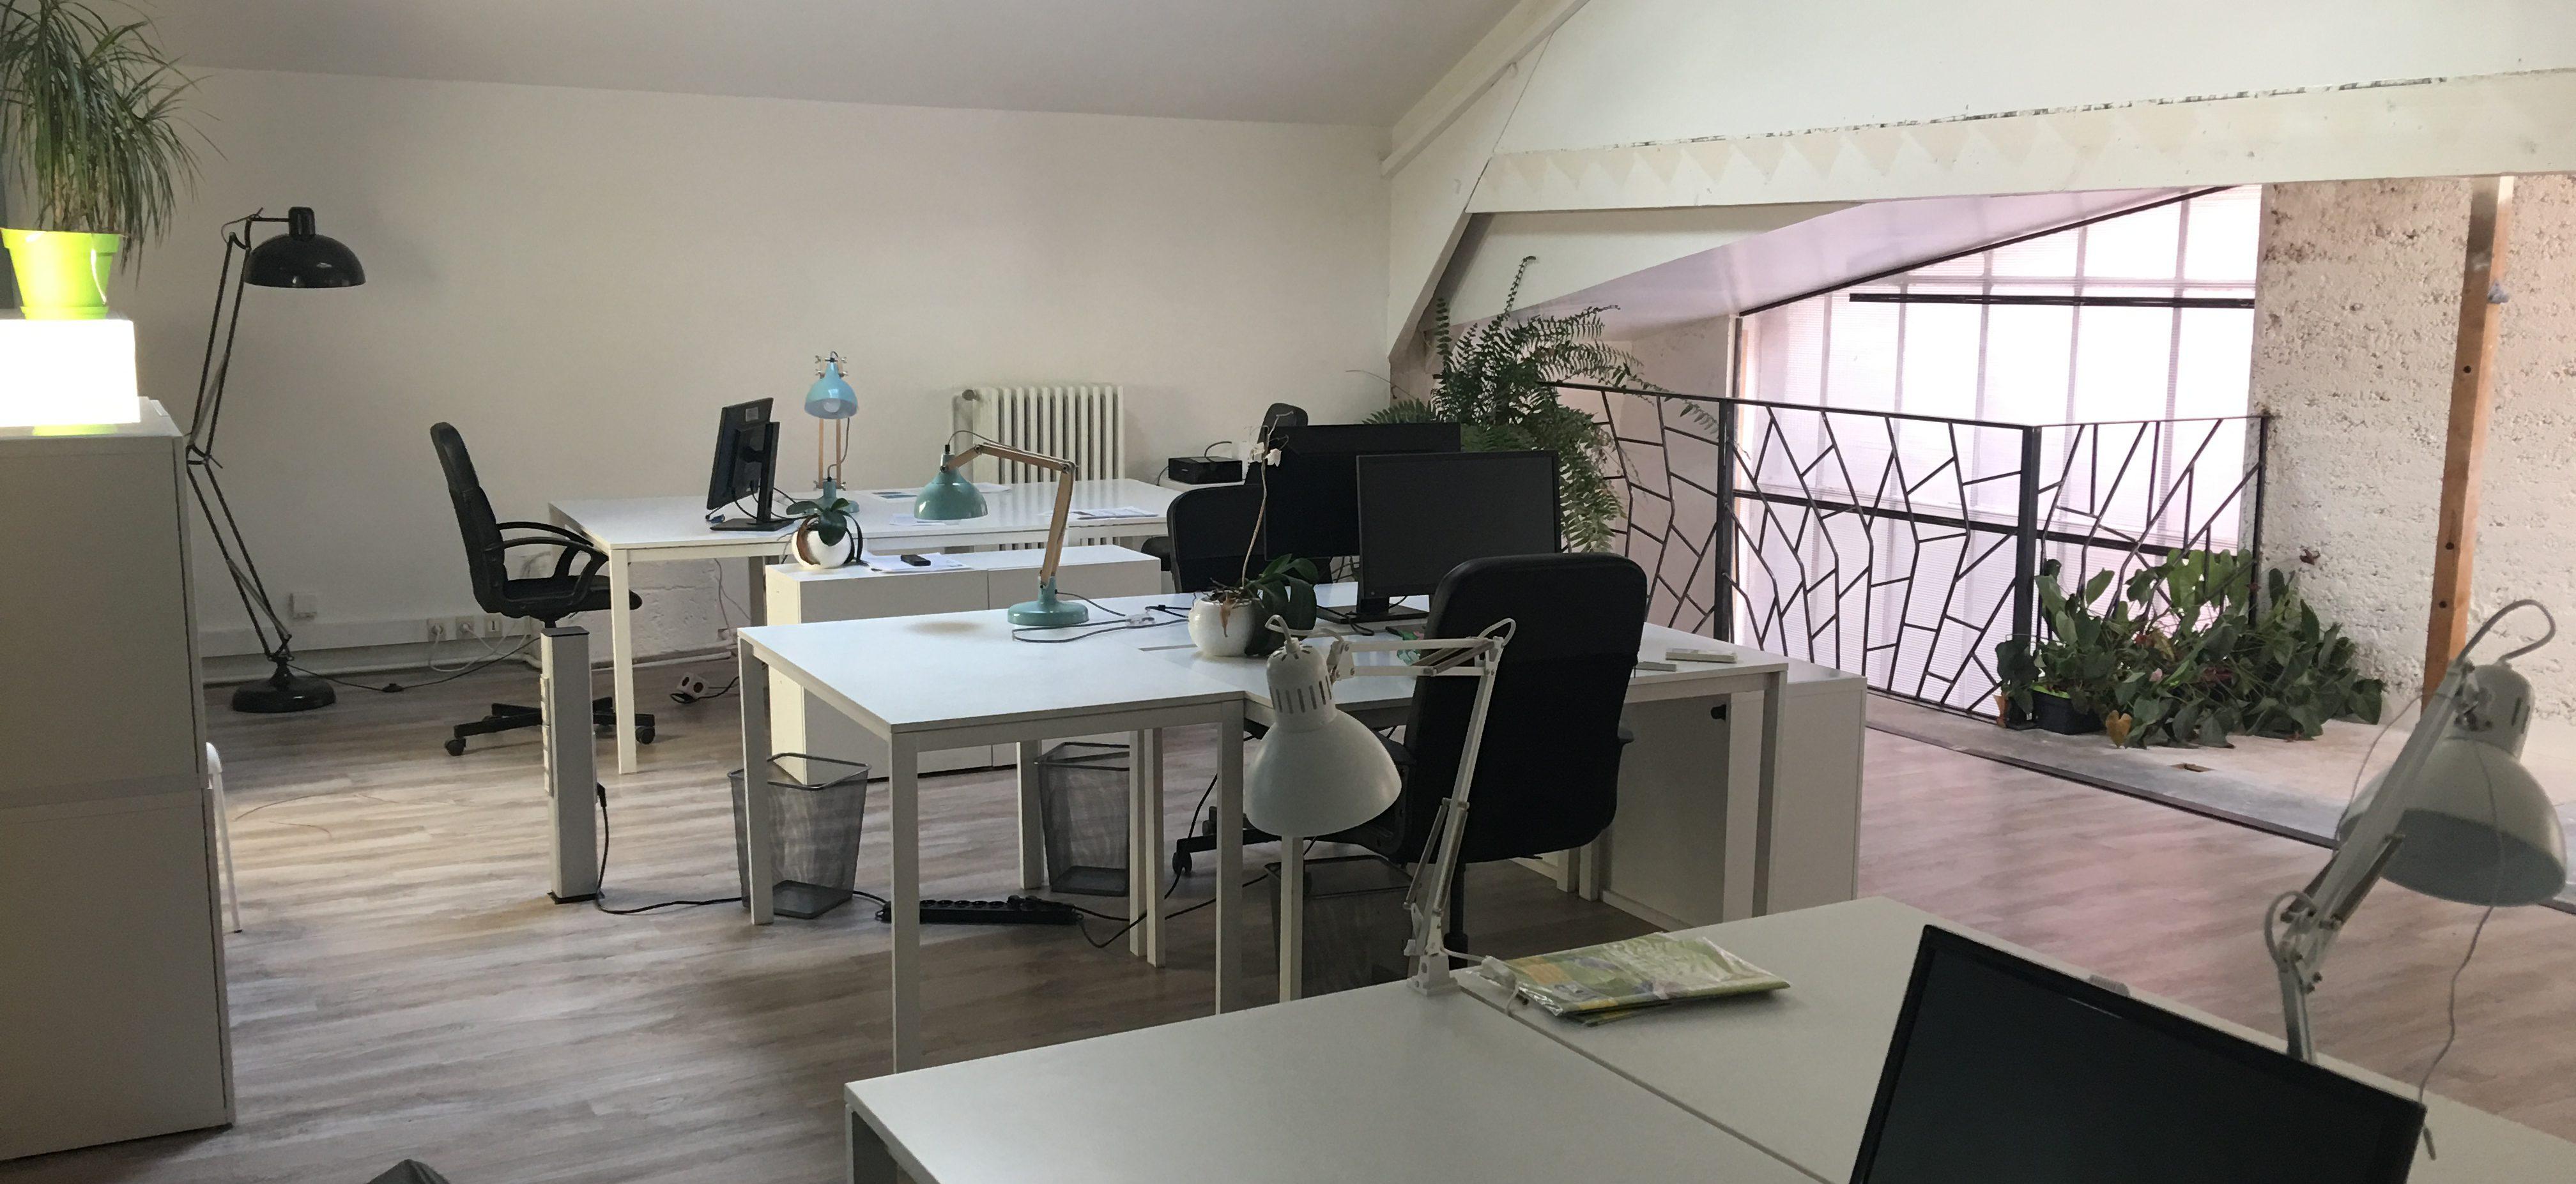 coworking pas cher lyon 100 mois pour louer un bureau atome. Black Bedroom Furniture Sets. Home Design Ideas